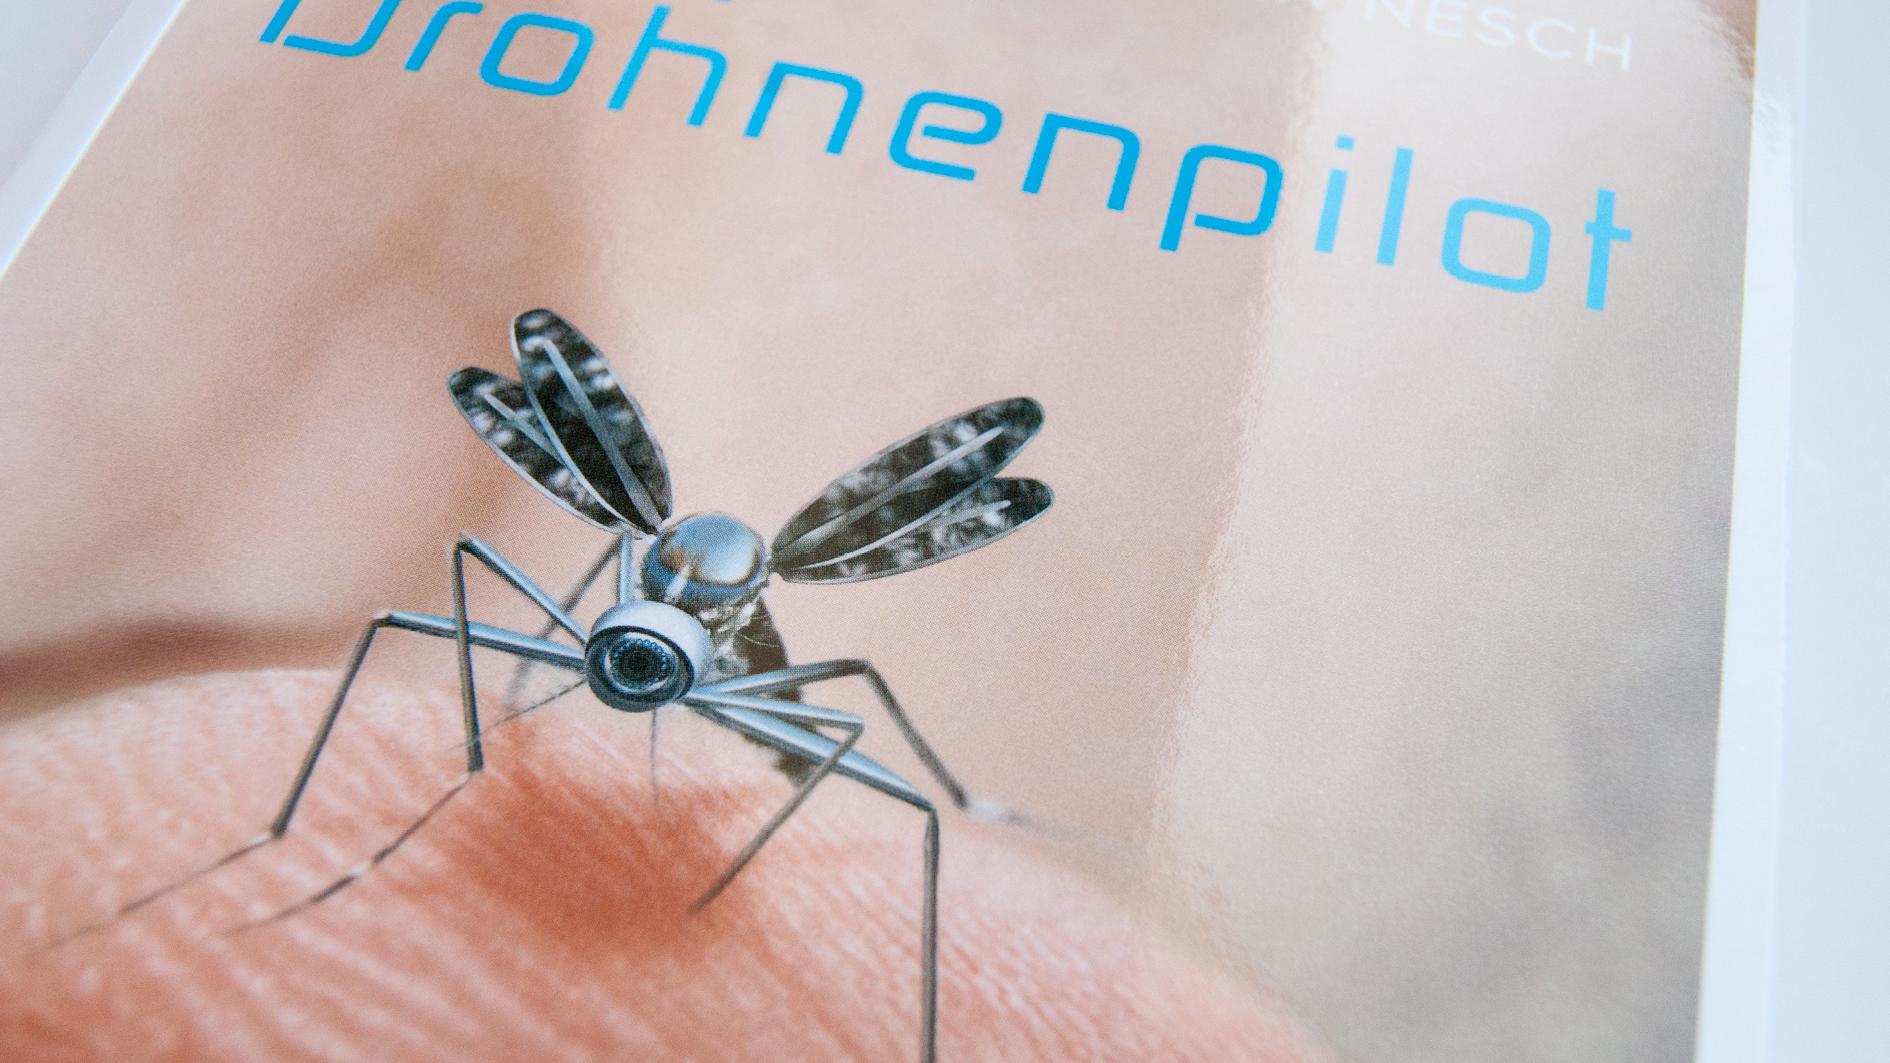 Der Drohnenpilot, Headerbild